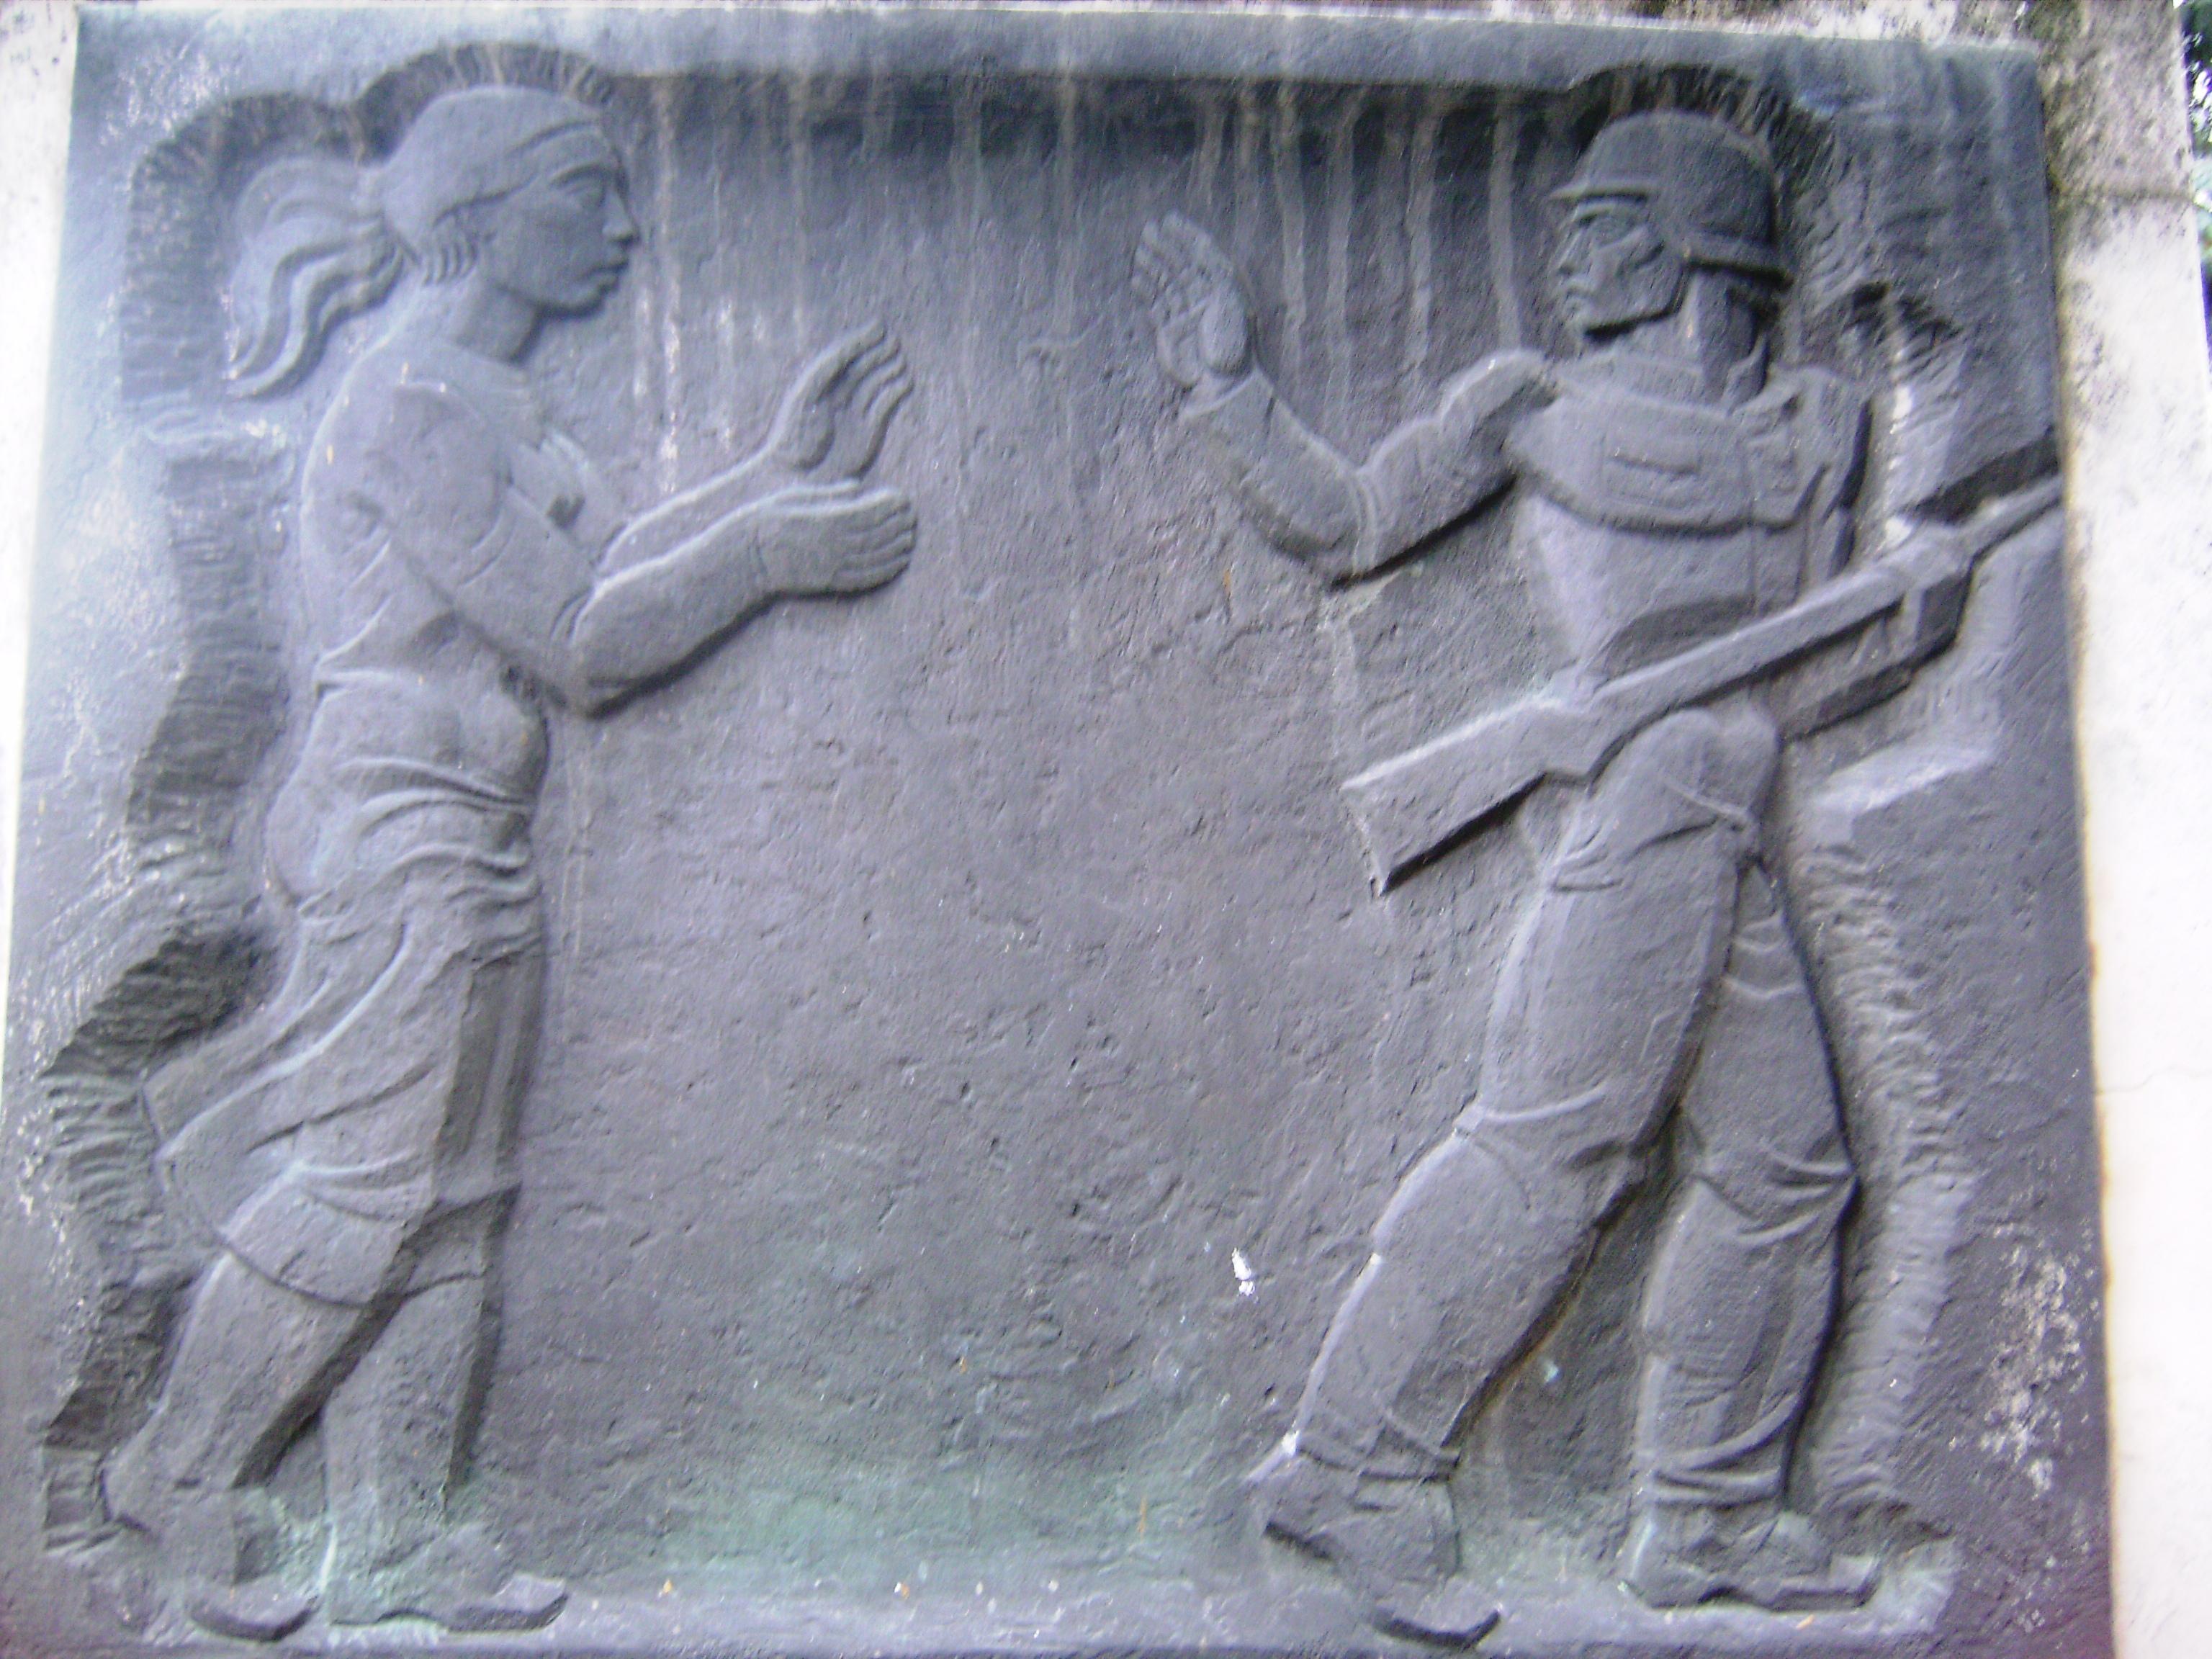 Az emlékművet Babits Mihály: Fiatal katona című verse ihlette.